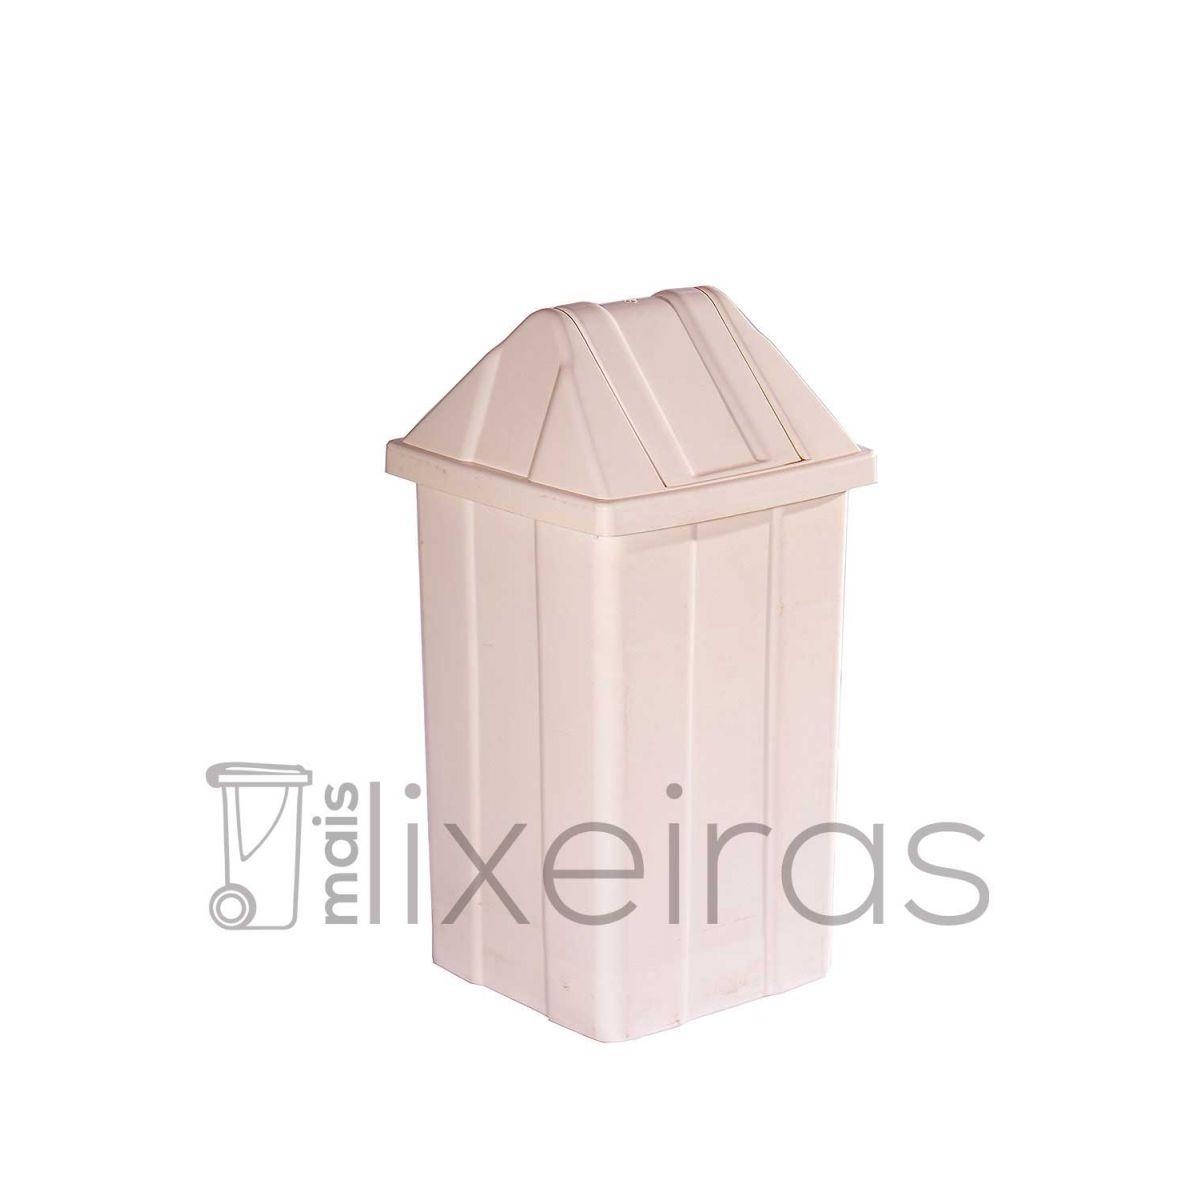 Lixeira com tampa basculante para coleta seletiva - 60 litros